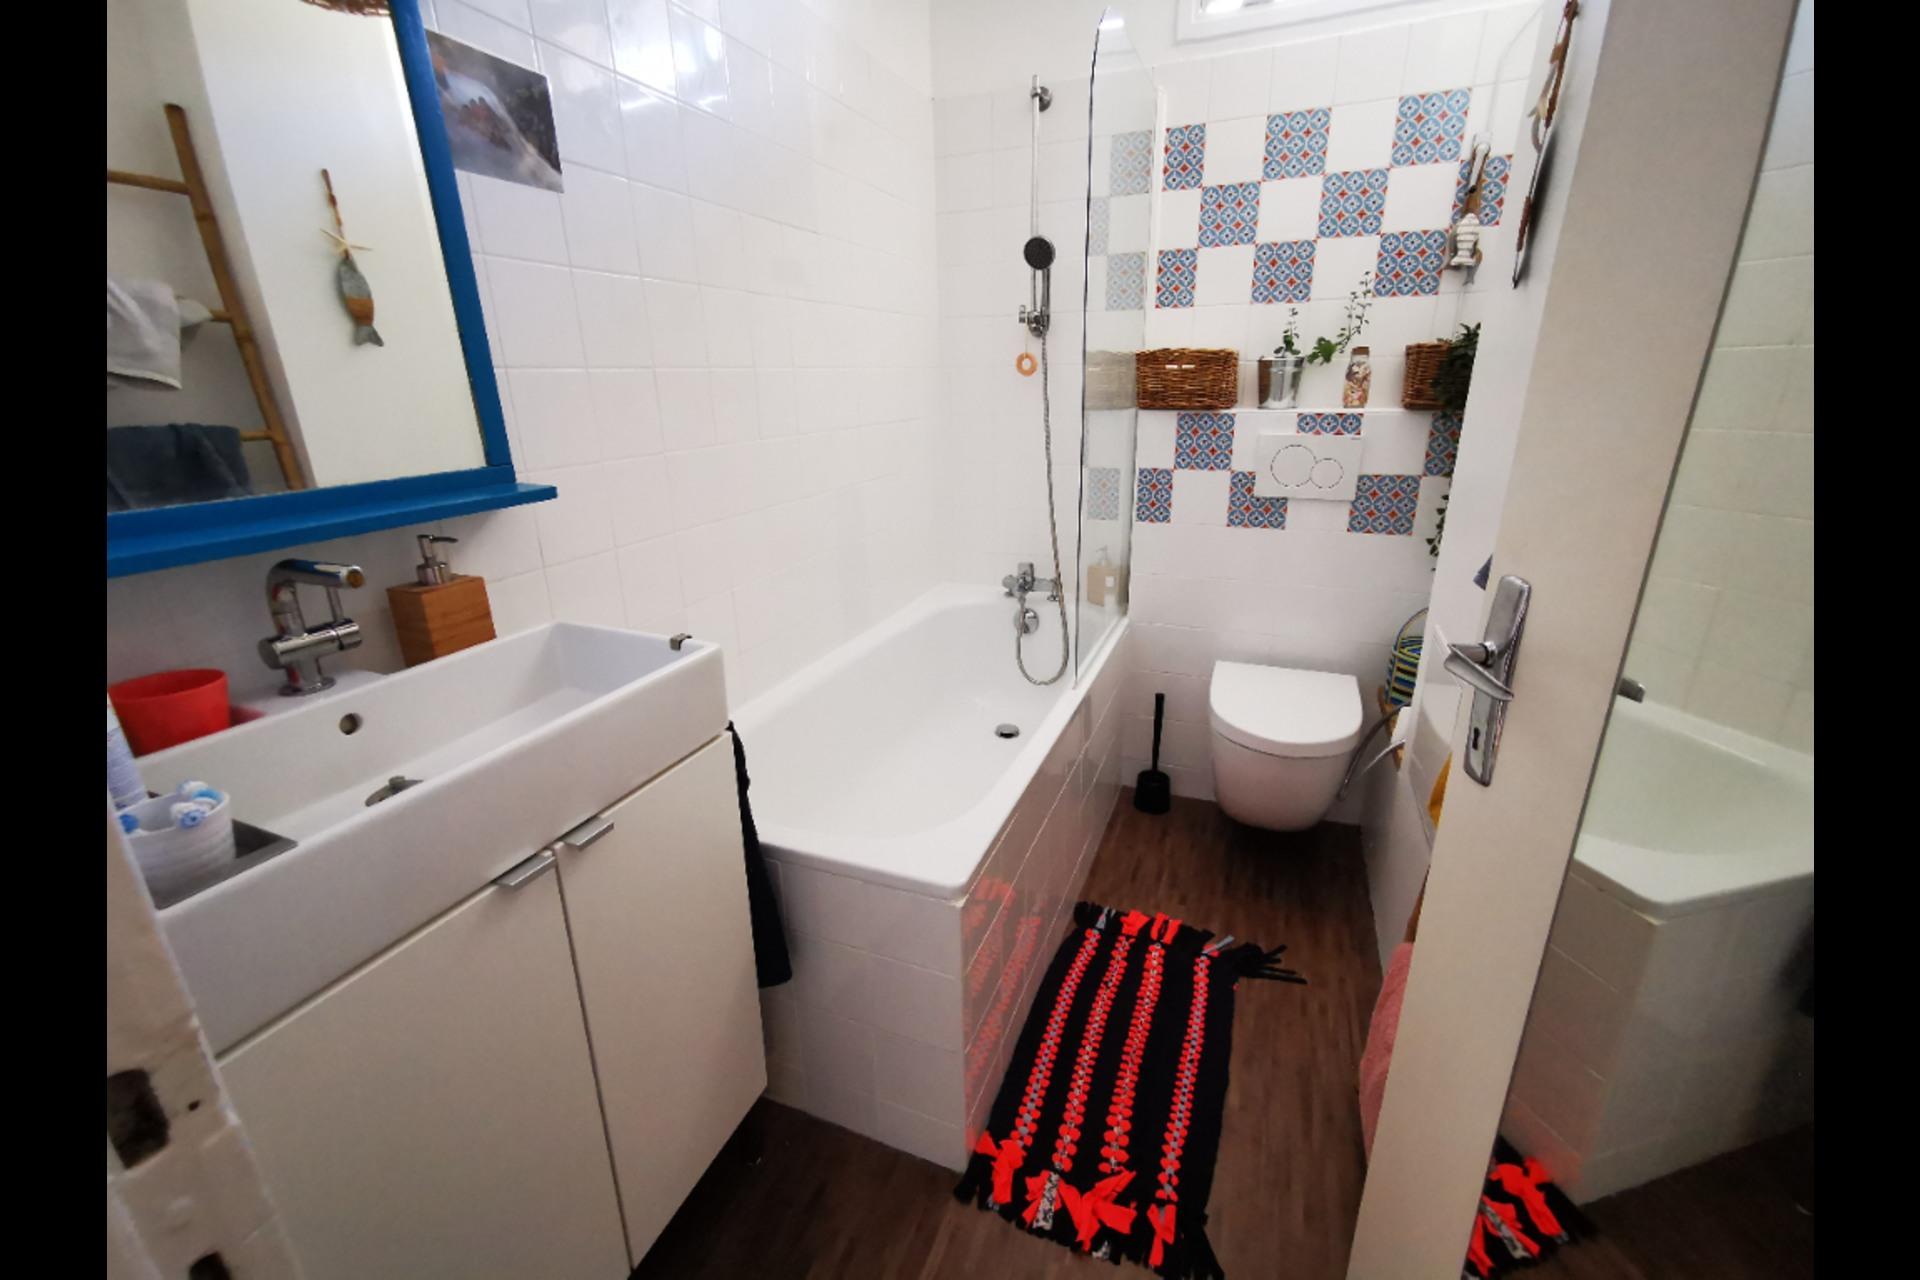 image 8 - Apartment For sale saint-germain-en-laye - 4 rooms